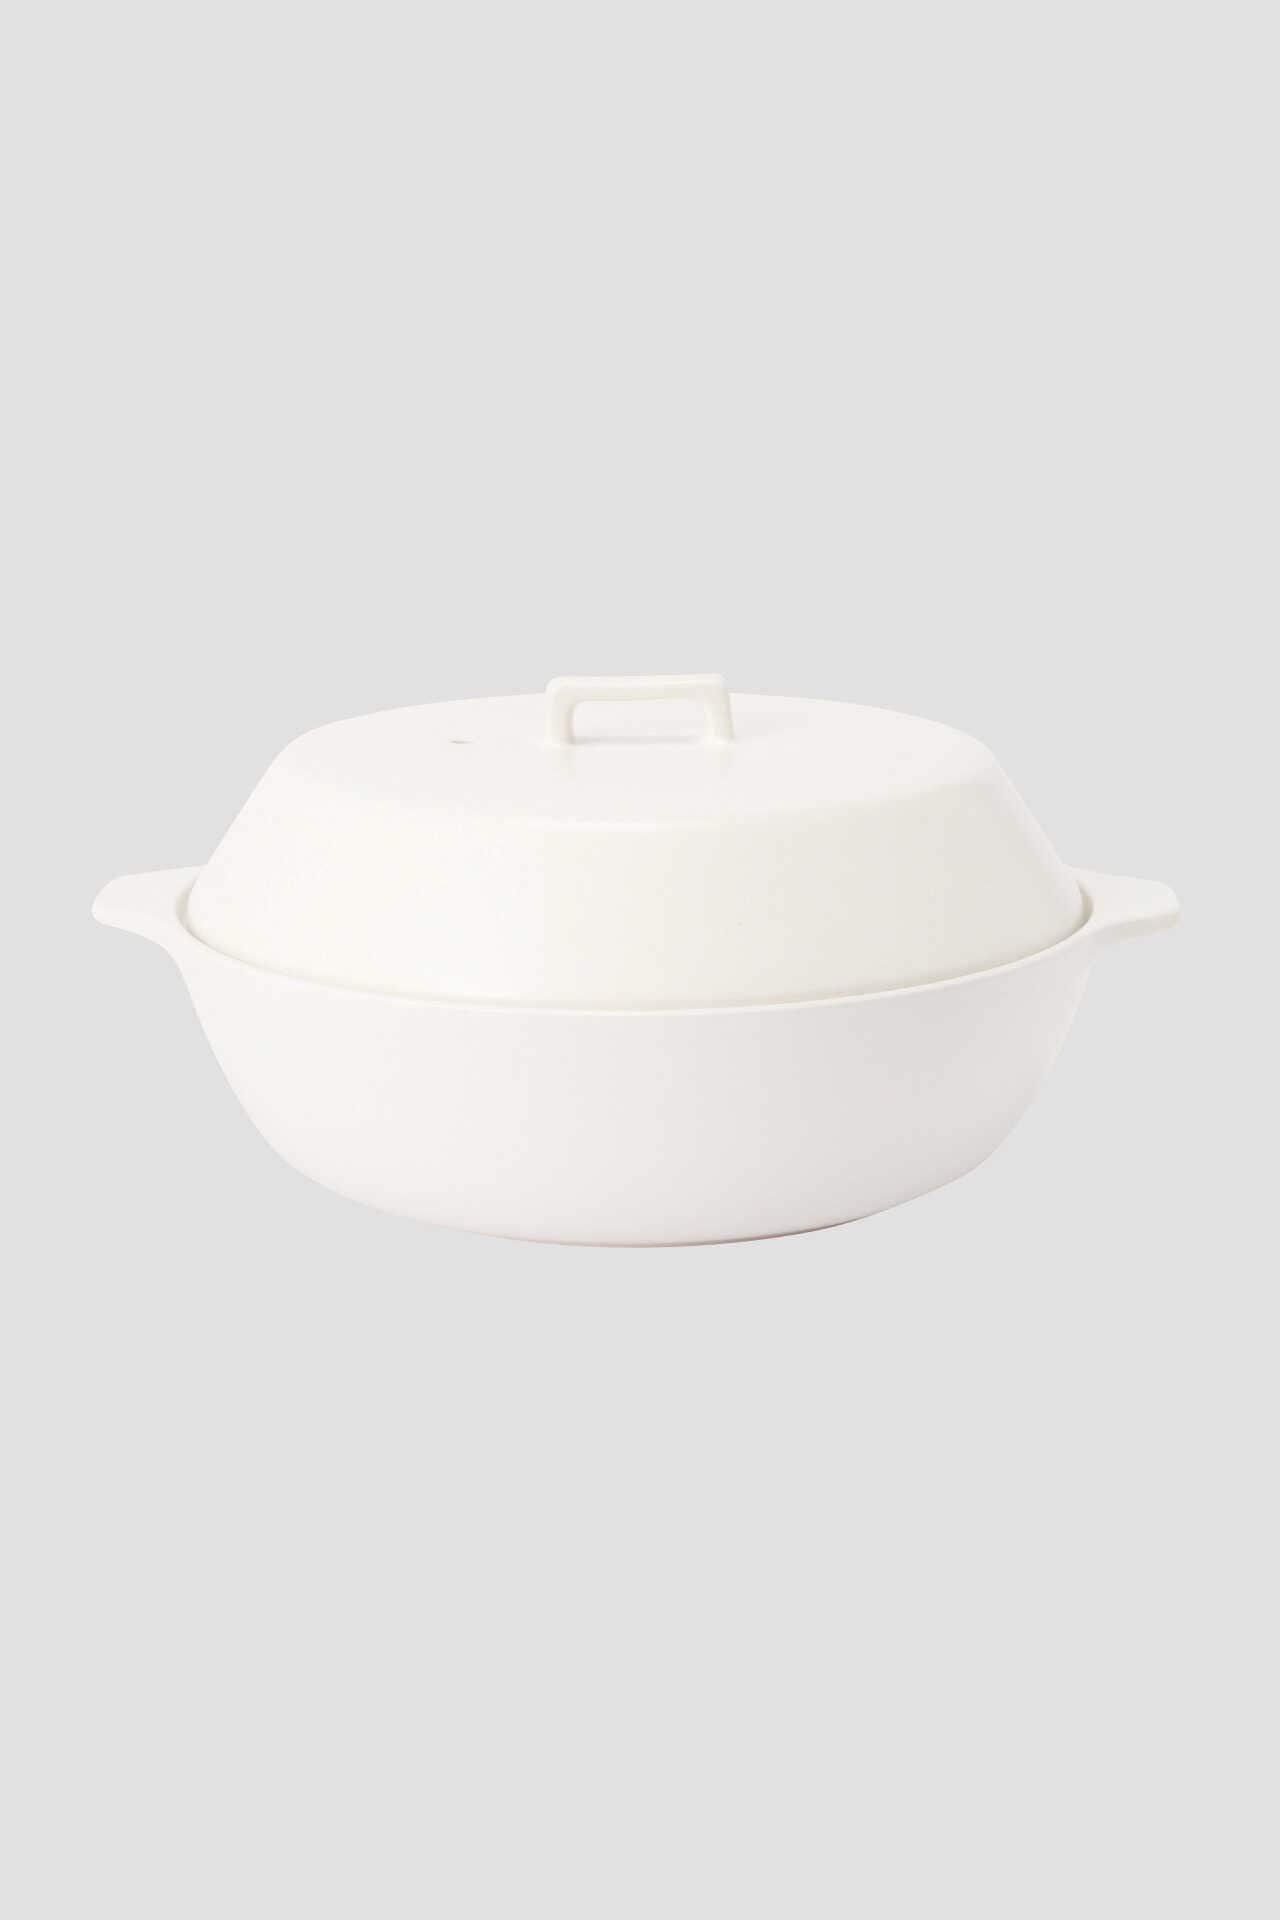 KINTO PAN8